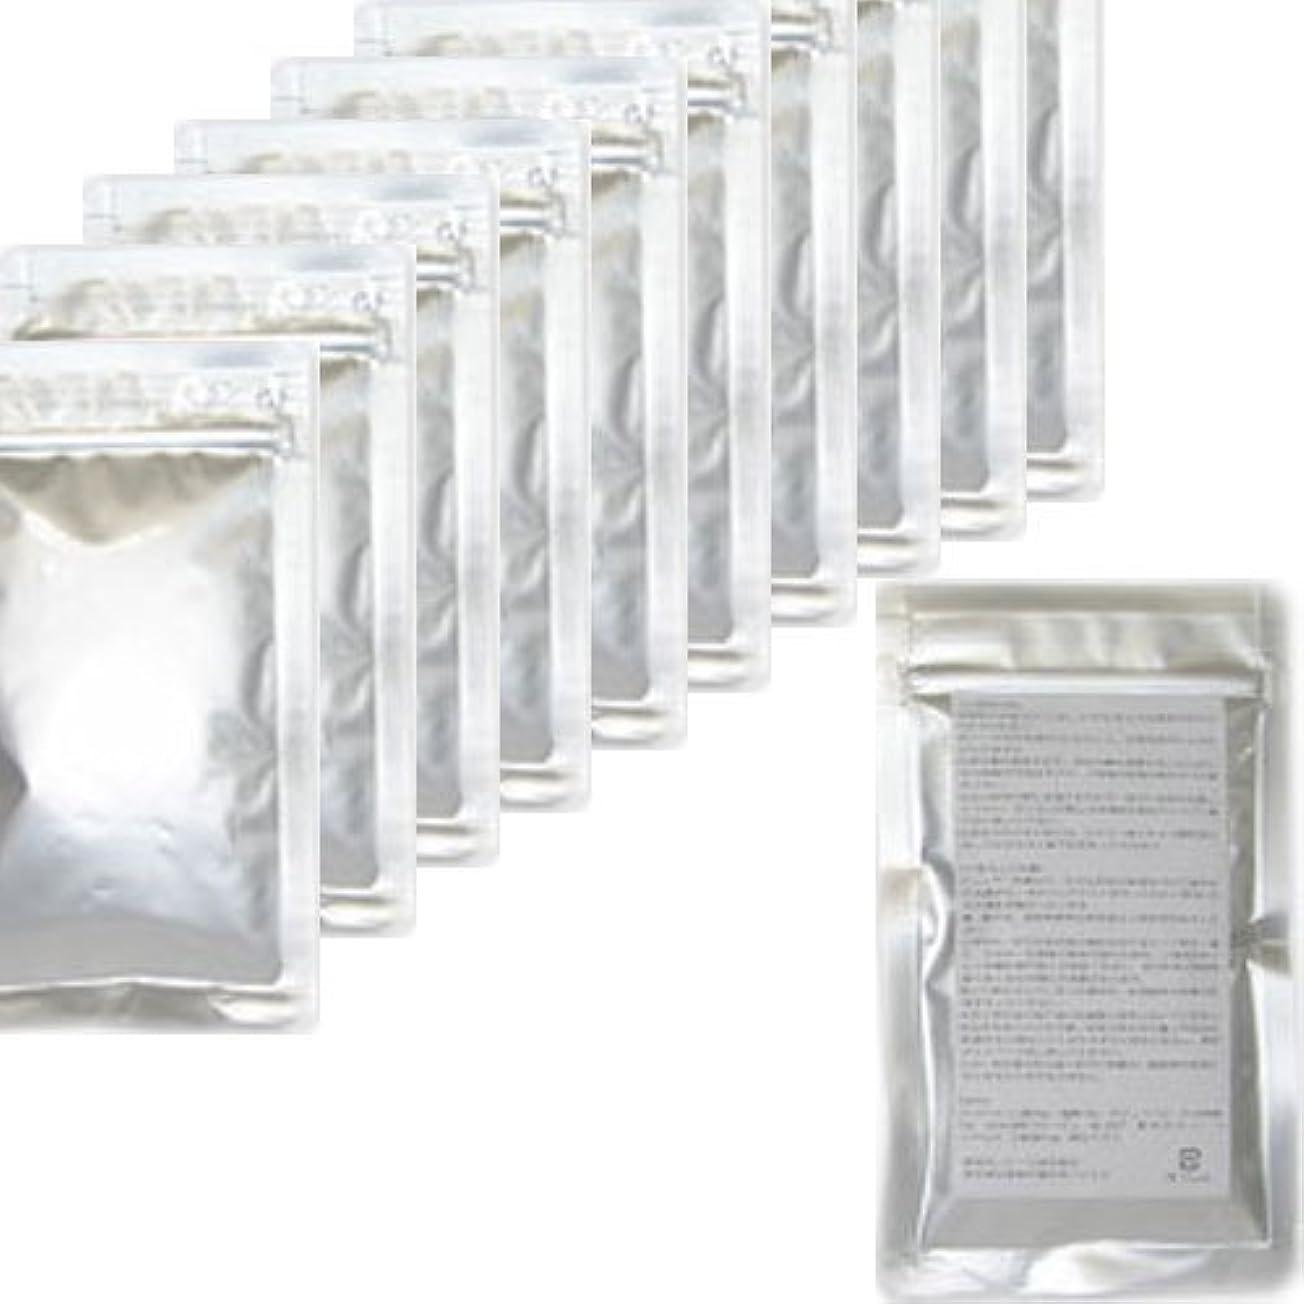 ラメしょっぱい悪因子業者様用 ローションバス とろとろ入浴剤「お風呂でねっとり」 業務用50g(50個セット) (アロマローズ(ピンク))